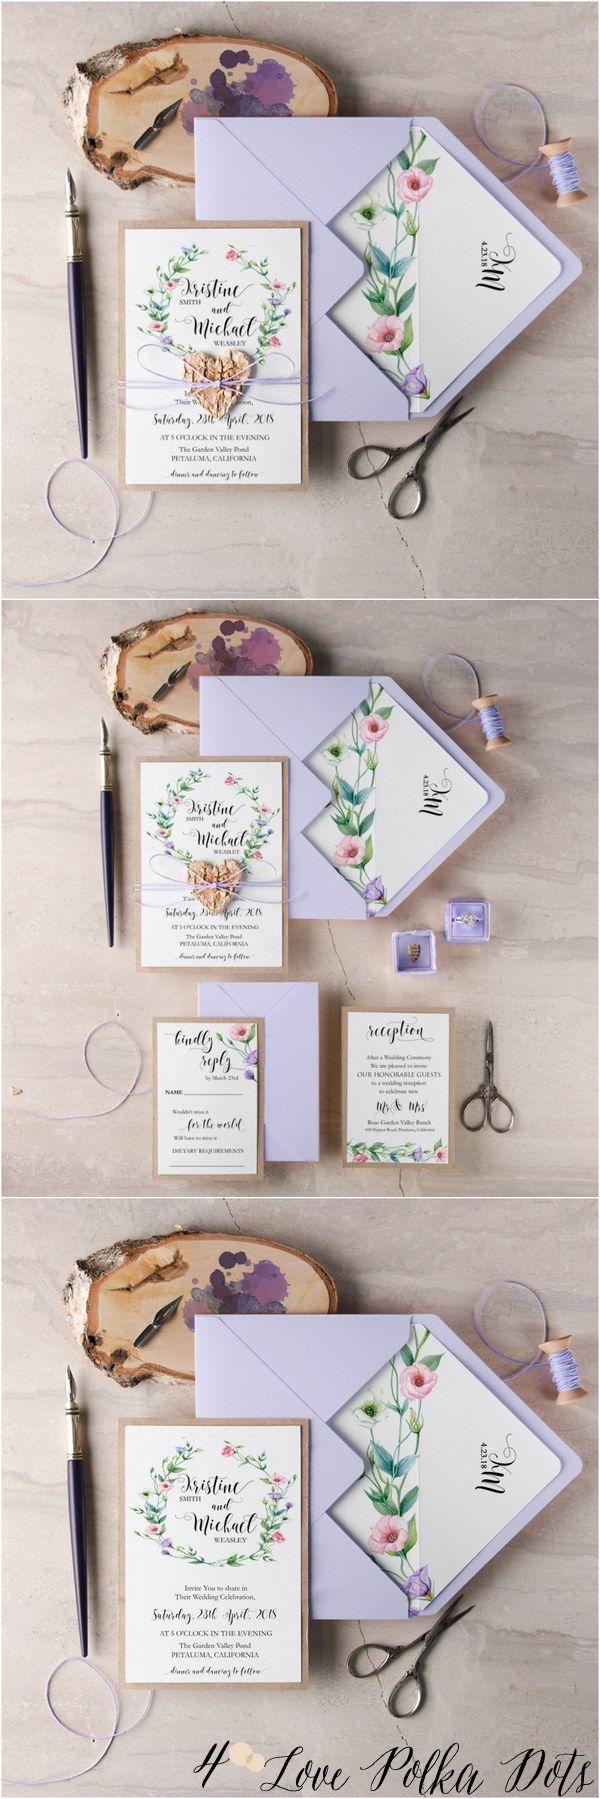 Passion purple watercolor wedding invitations #purplewedding #floralwedding #lilacwedding